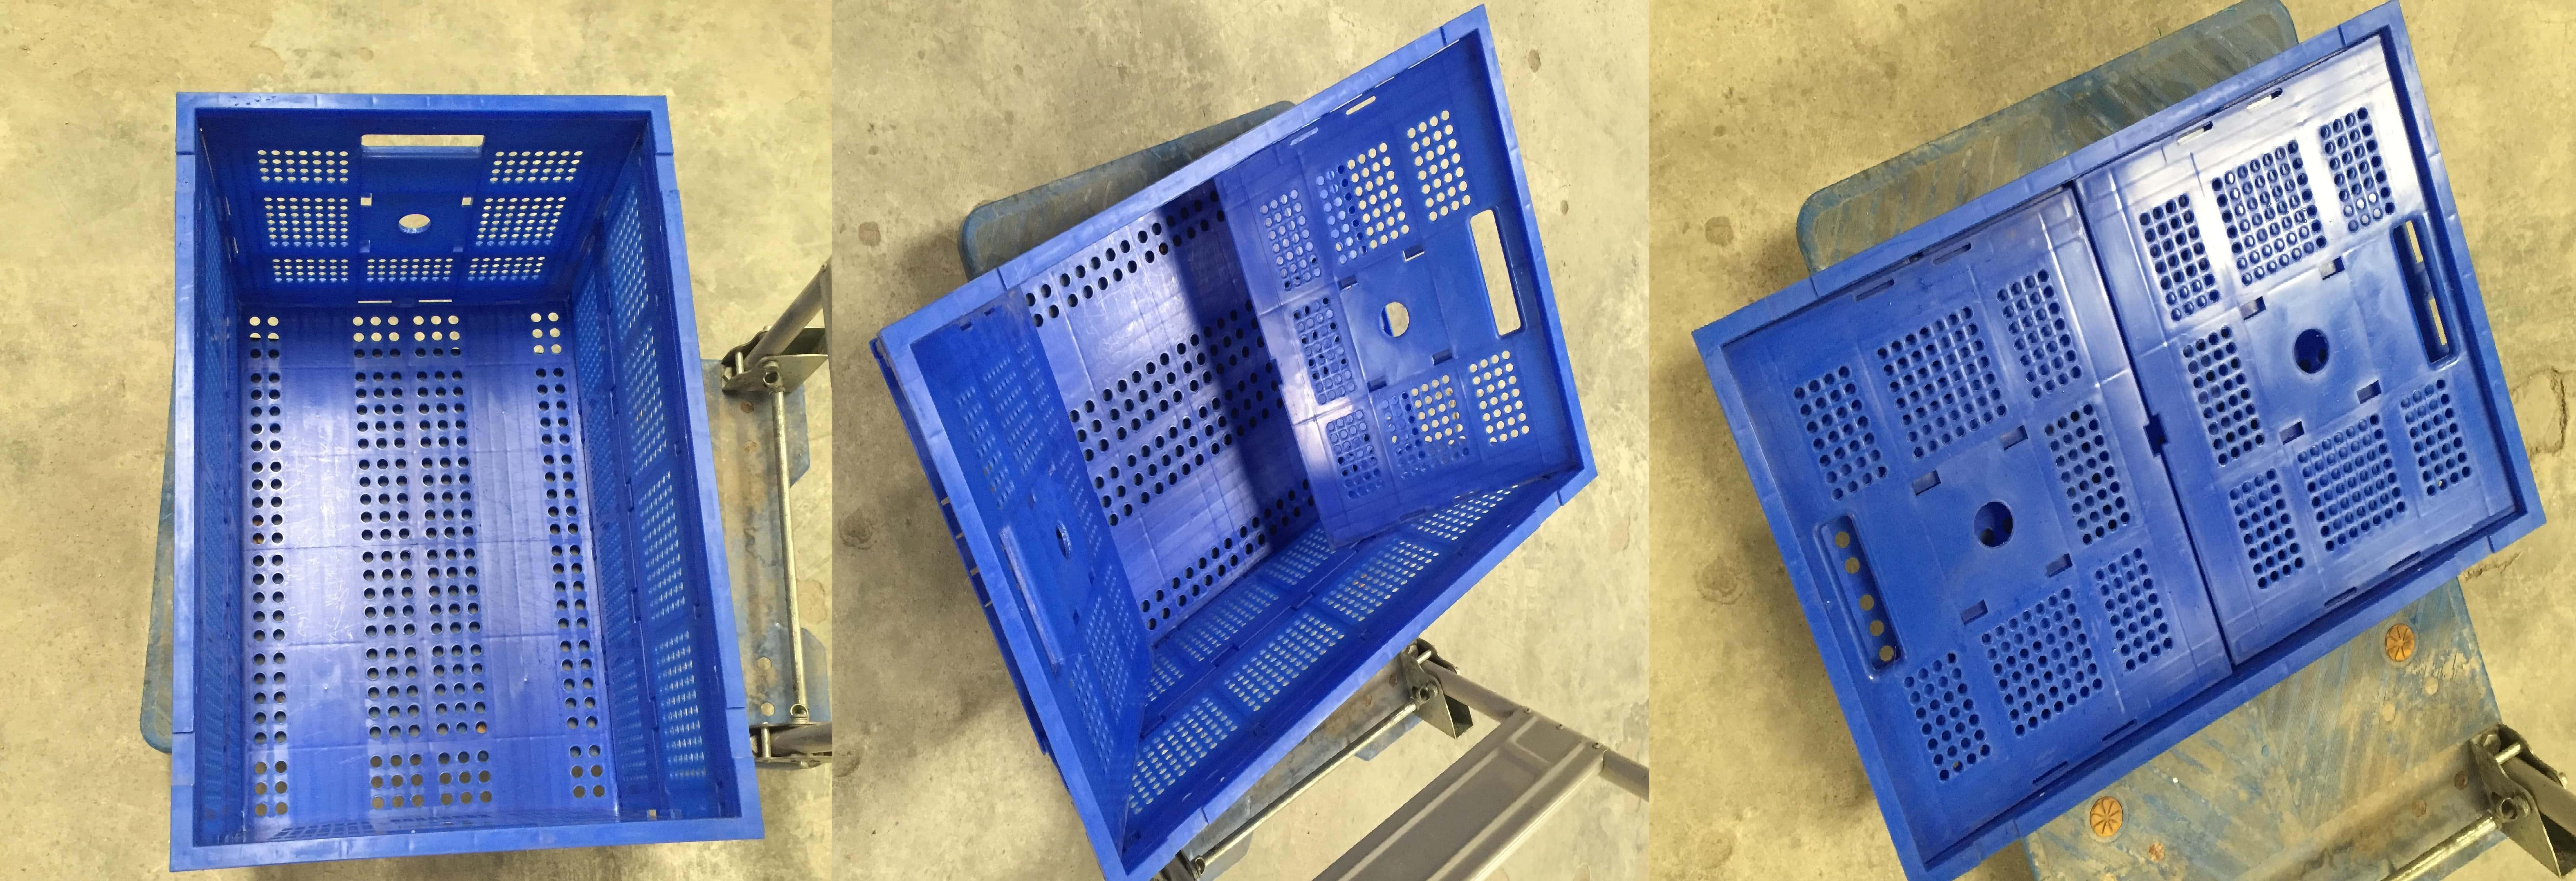 Thùng nhựa gấp xếp tiết kiệm diện tích